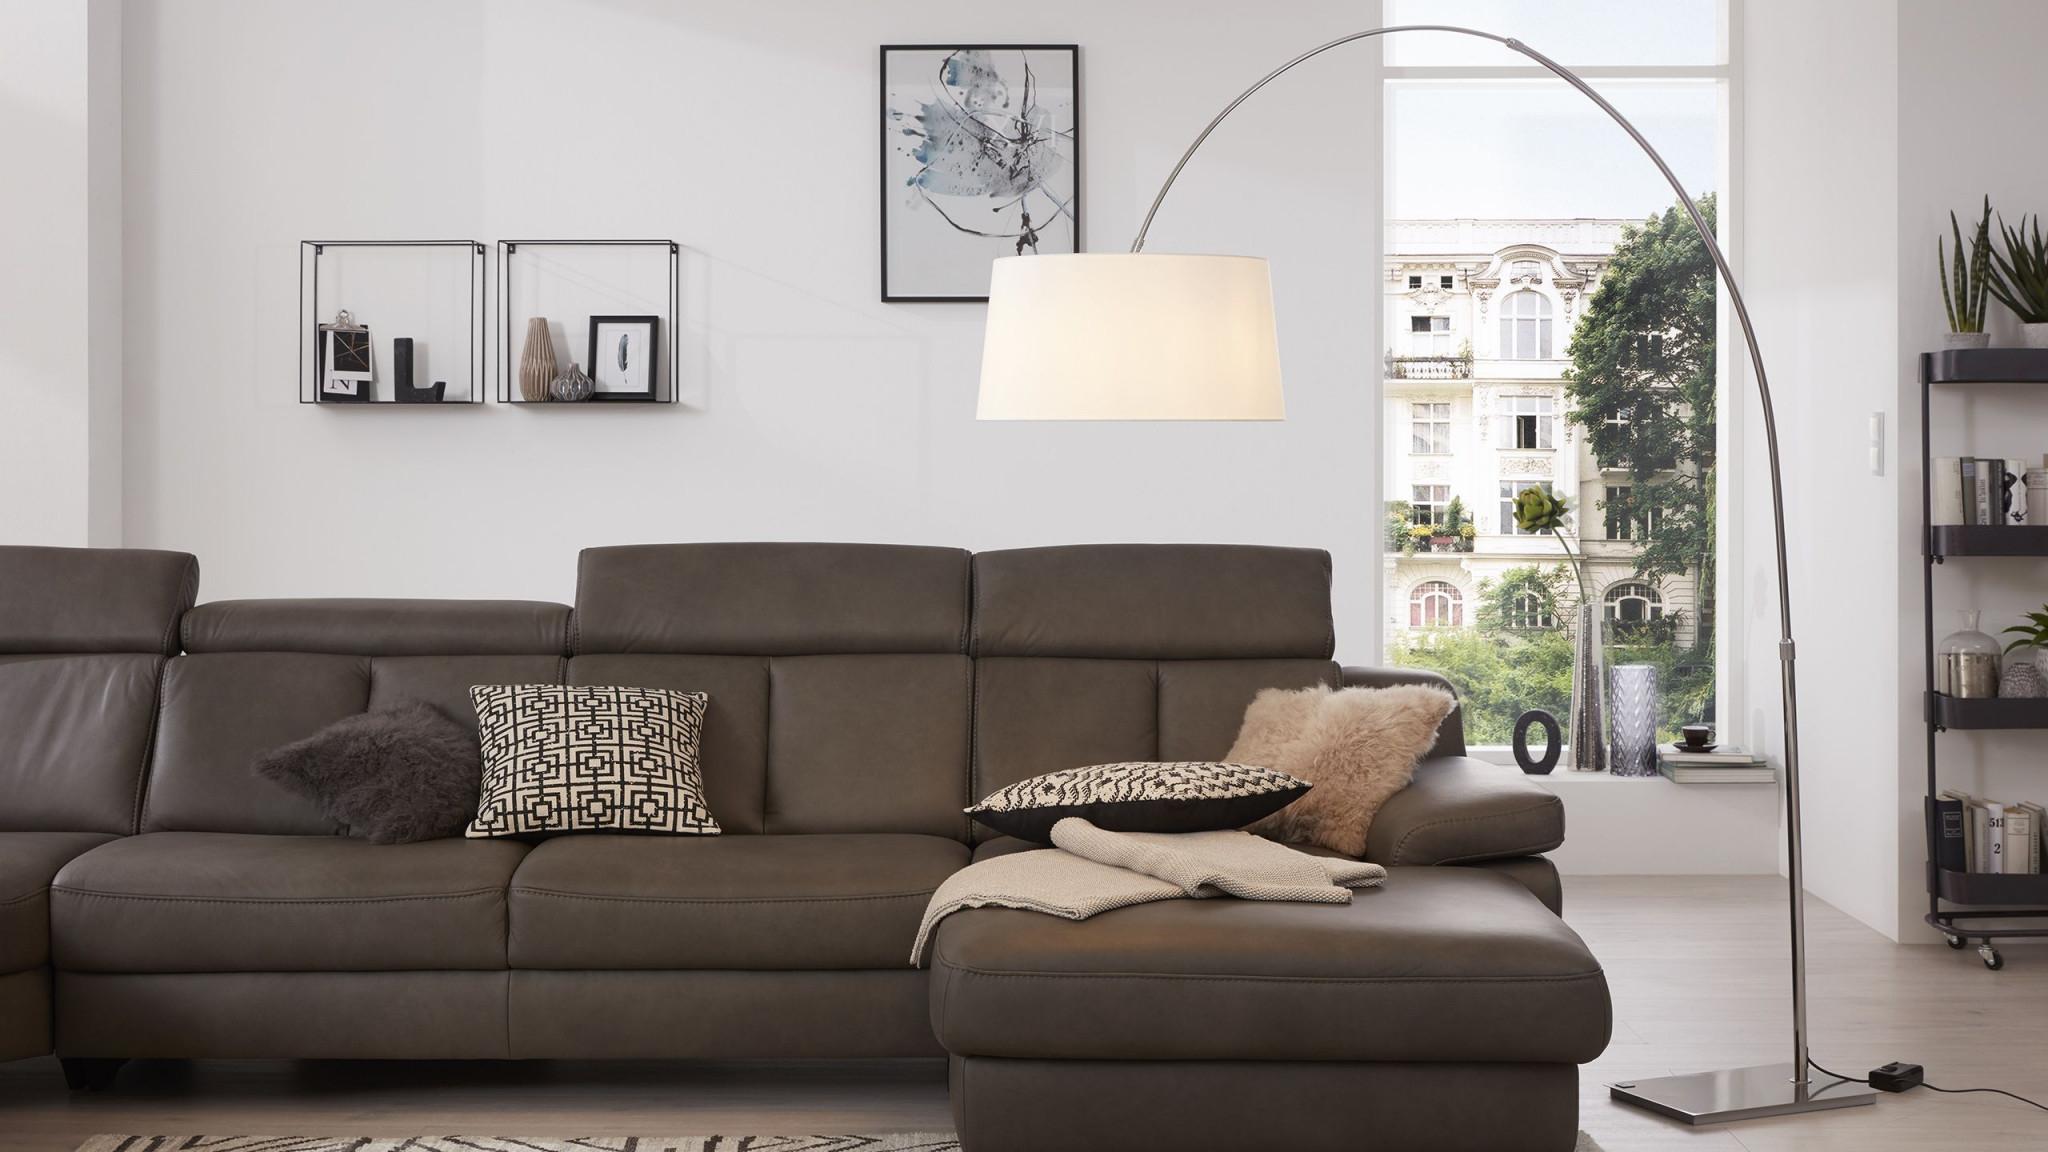 Die Interliving Bogenleuchte Passt Super Über Den Couchtisch von Wohnzimmer Lampe Über Couchtisch Photo